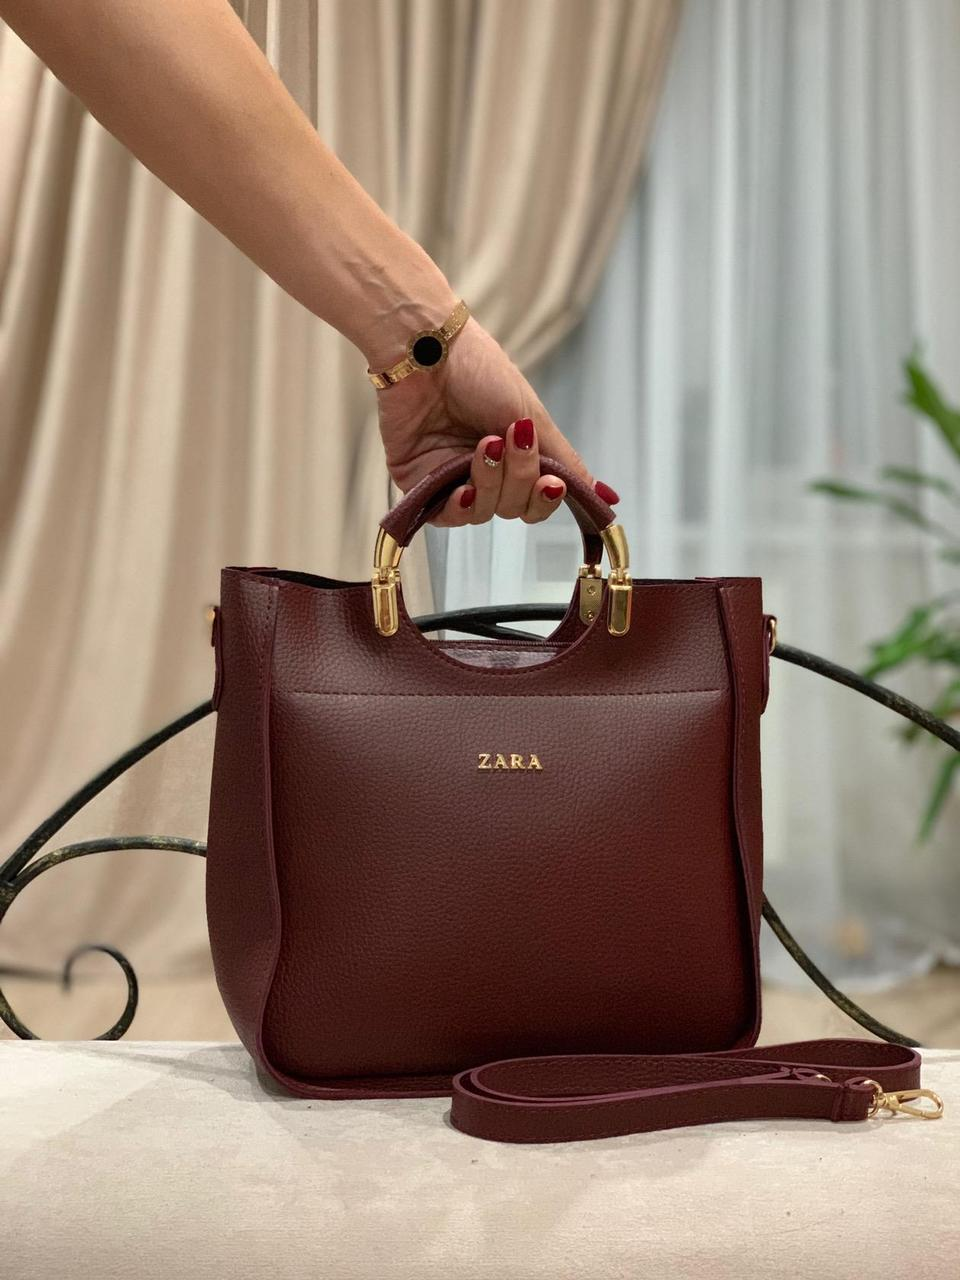 6300882147e9 Стильная женская сумка в стиле Zara -